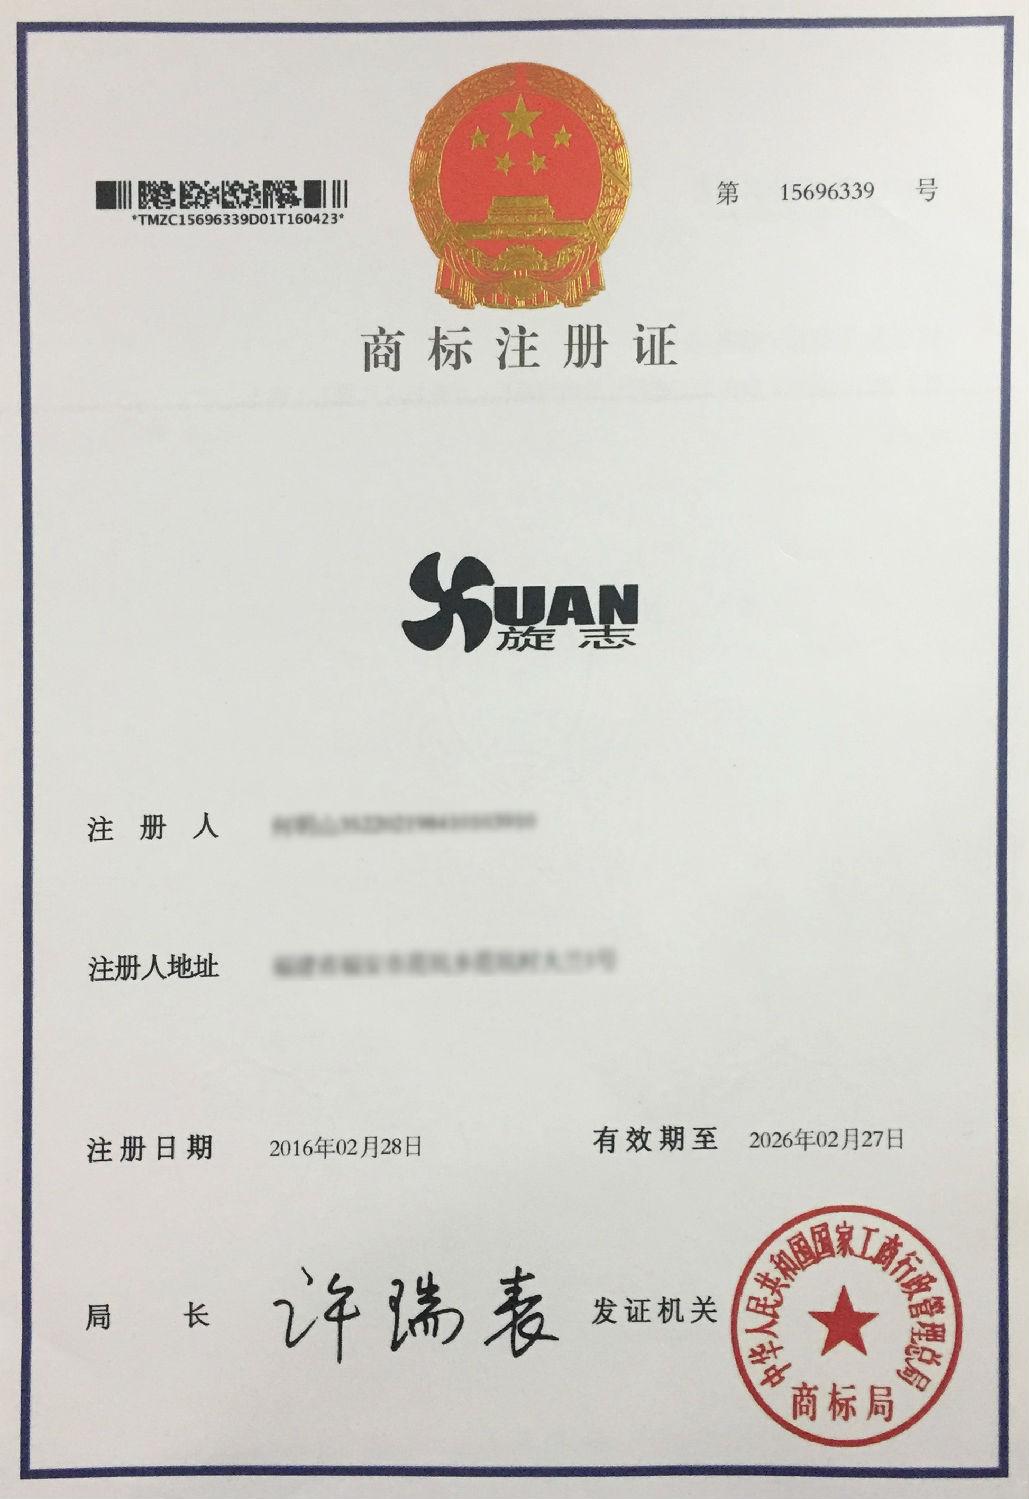 旋志商标注册证